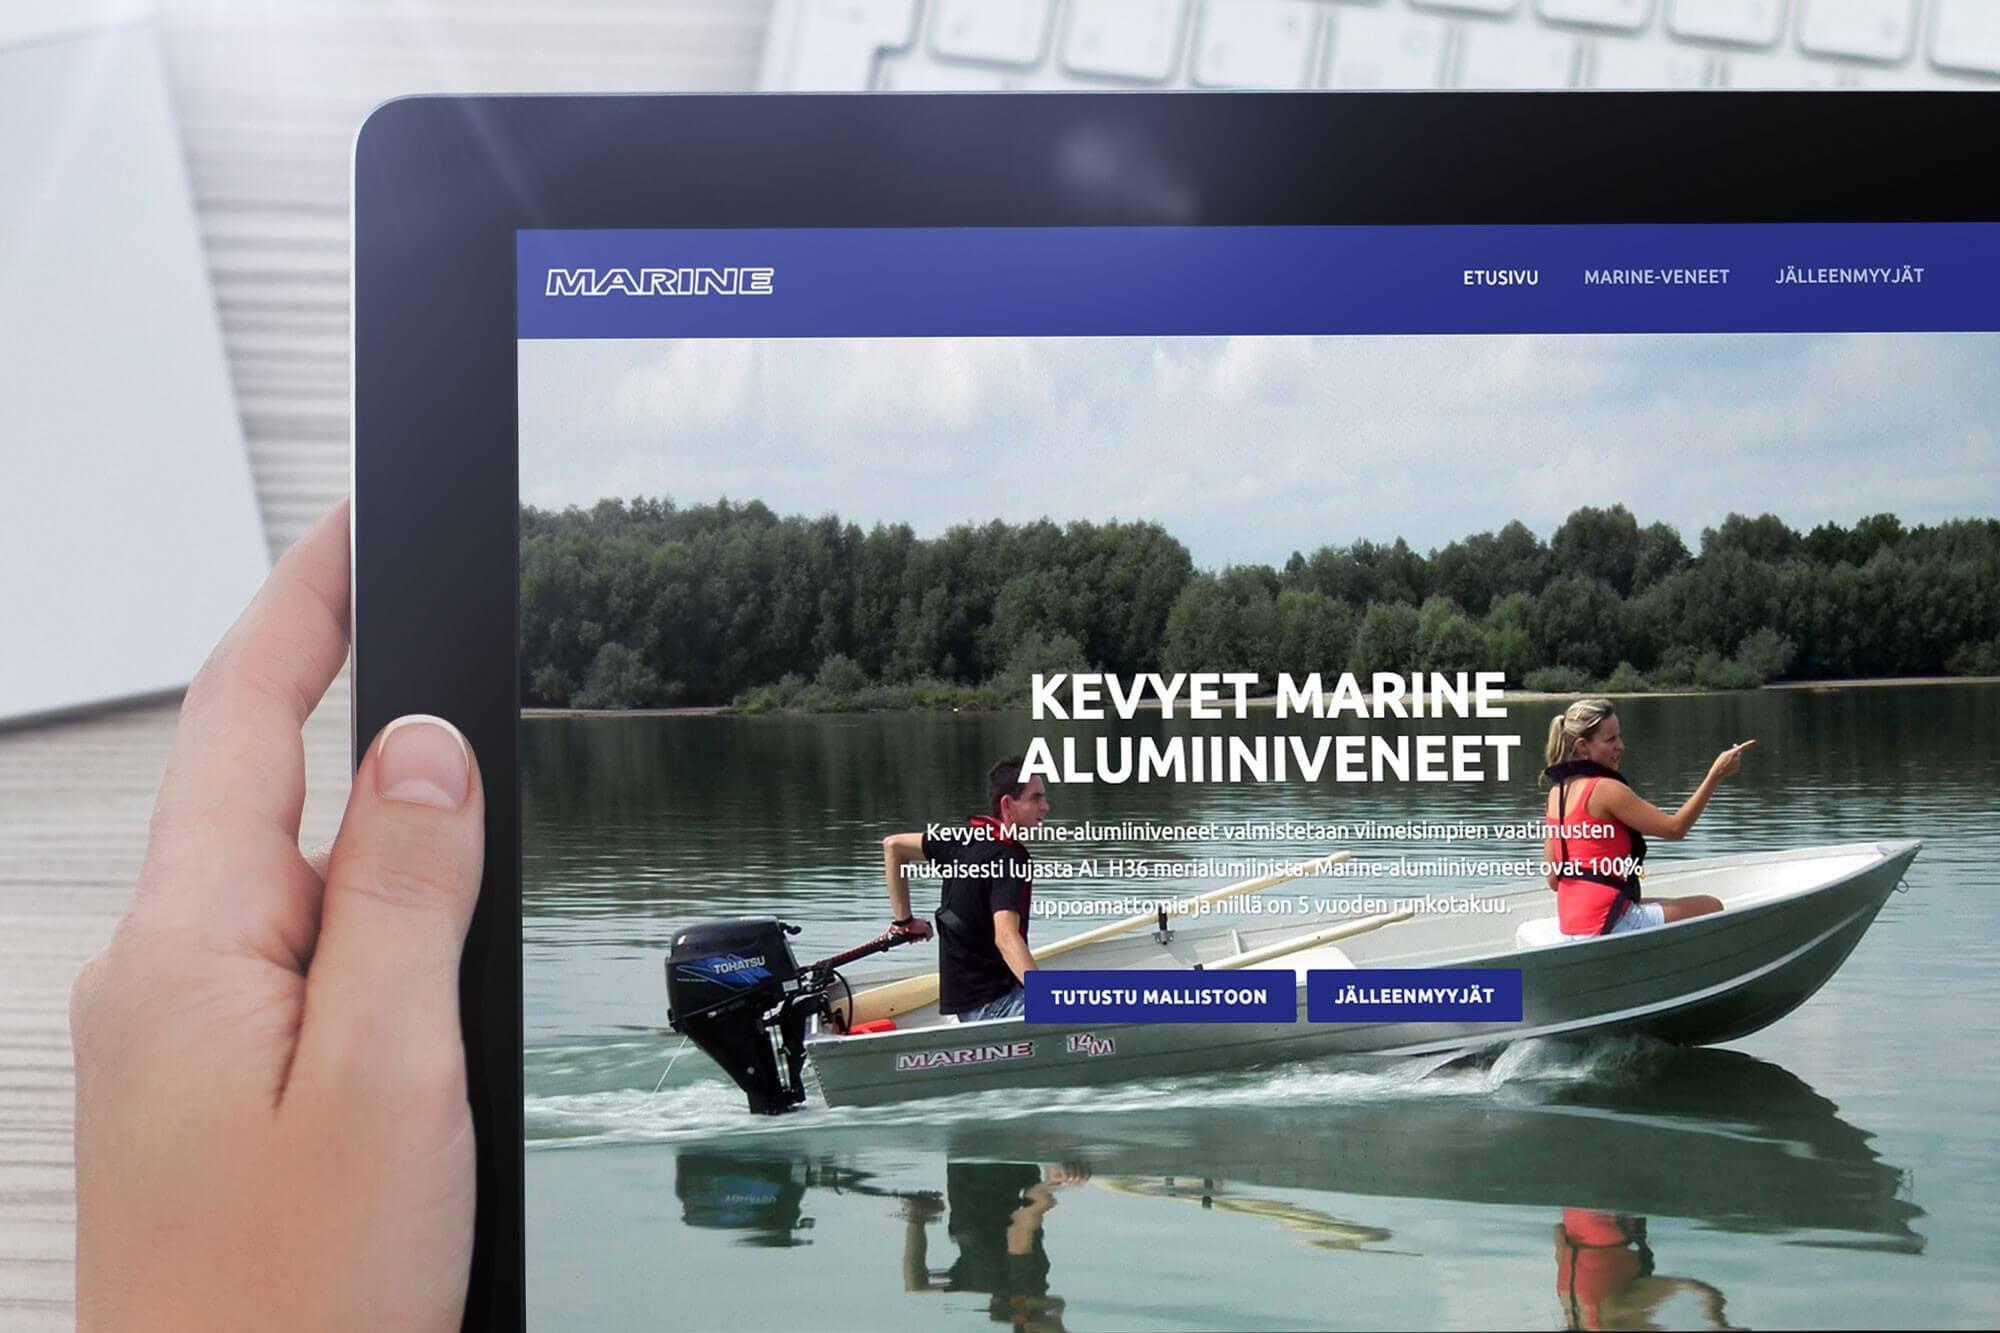 Marine verkkosivut